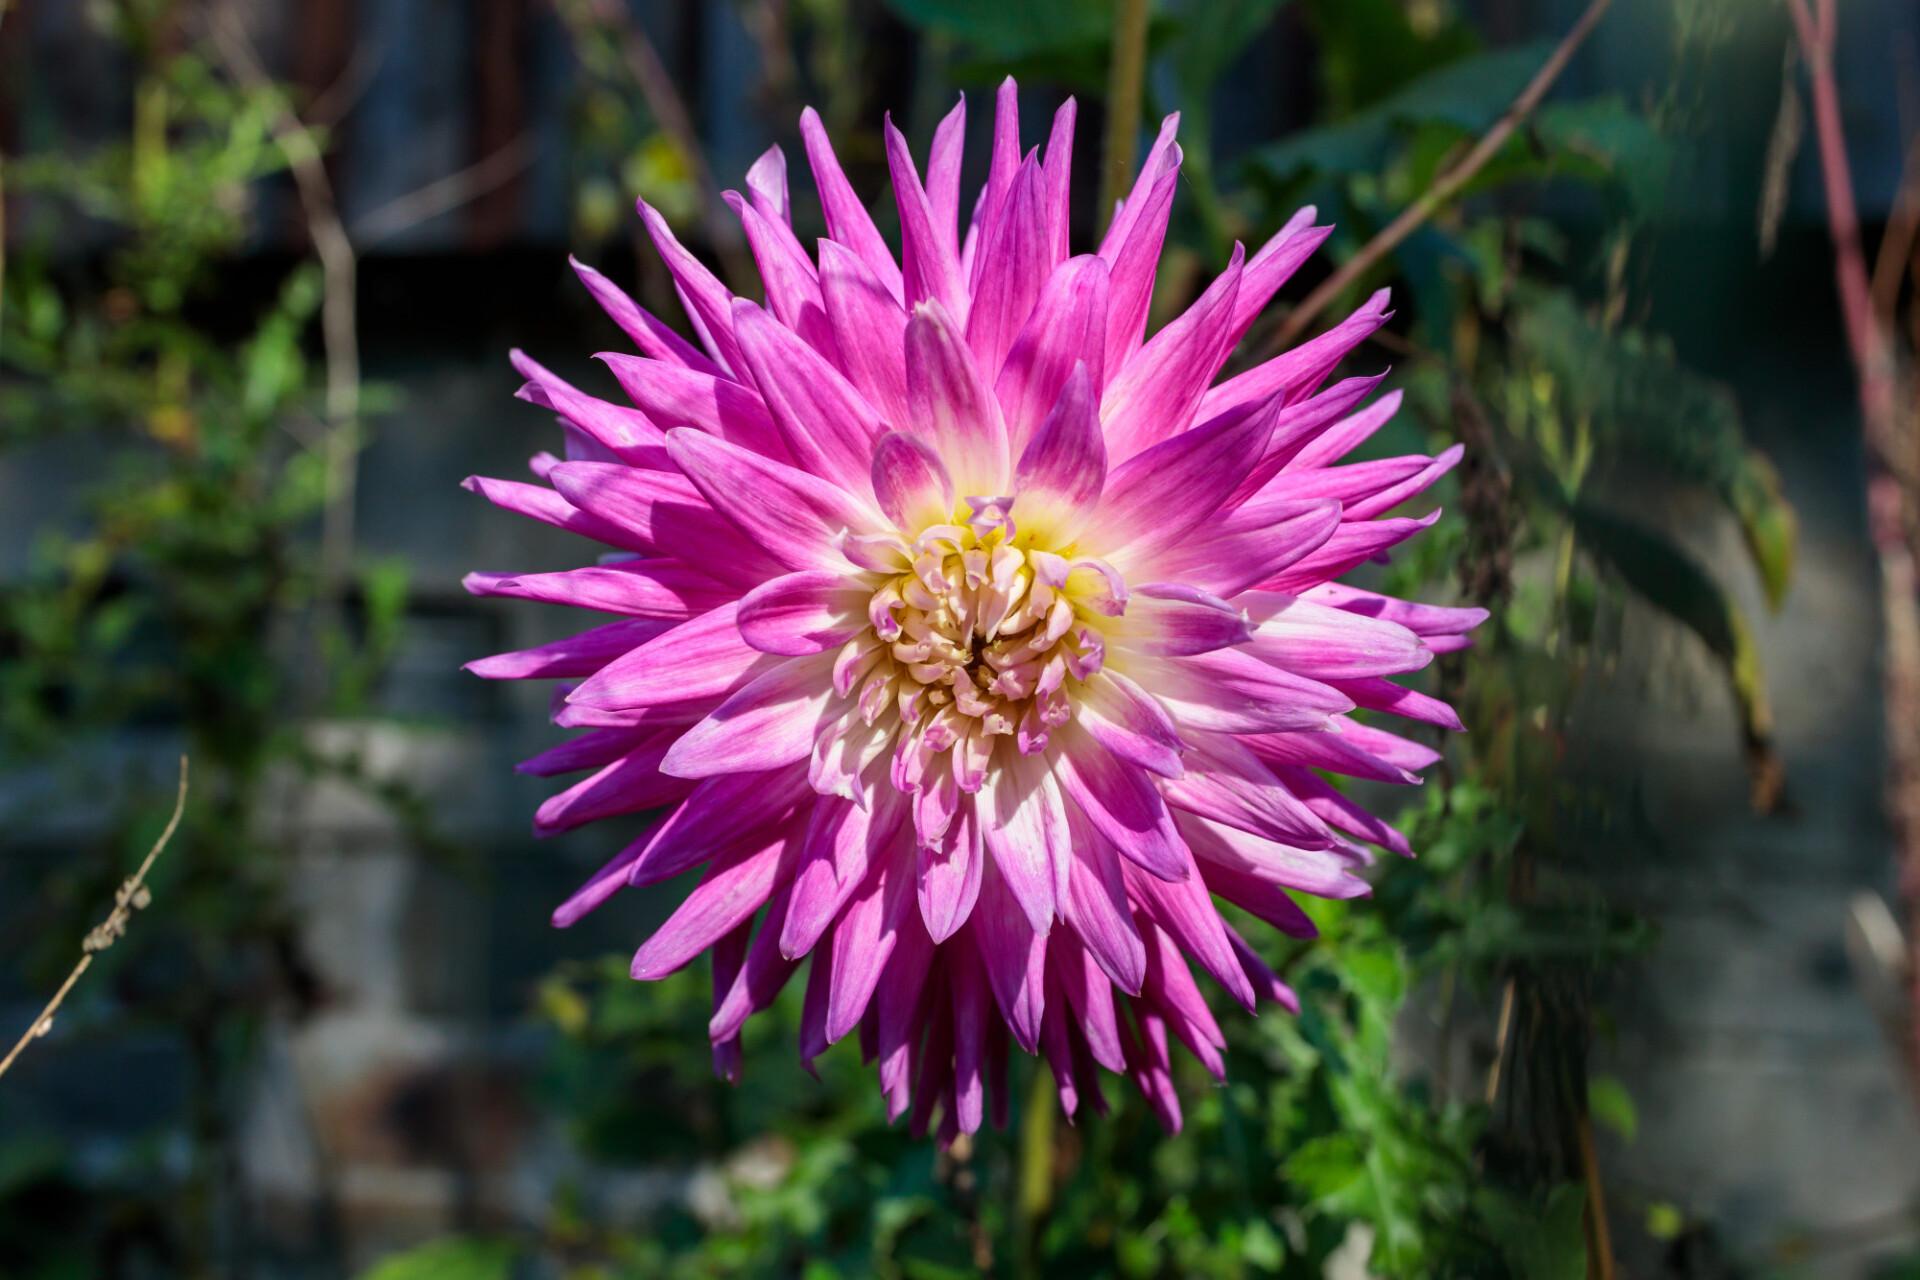 Gorgeous dahlia flower